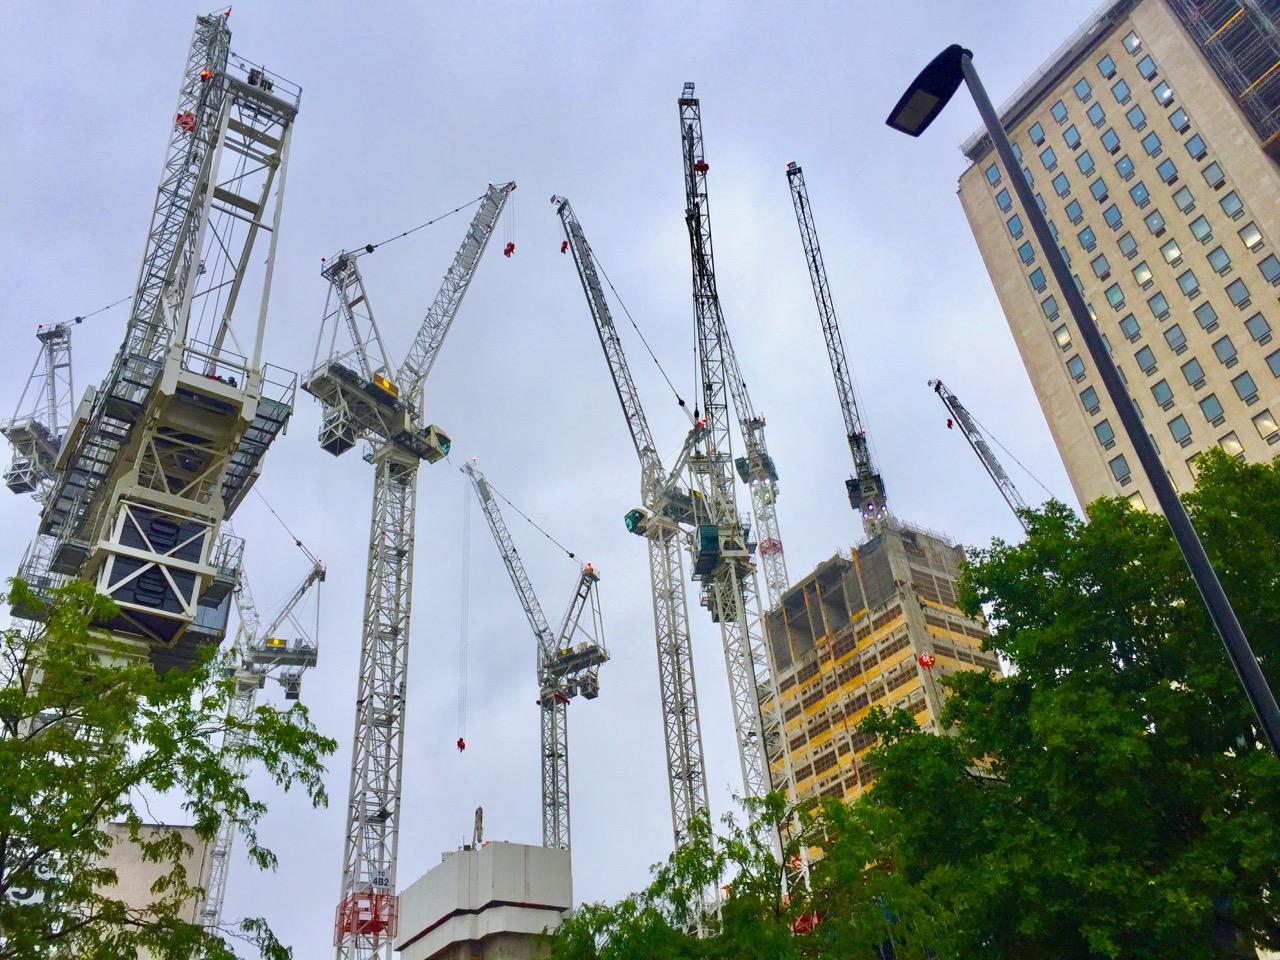 Cranes constructing properties in London